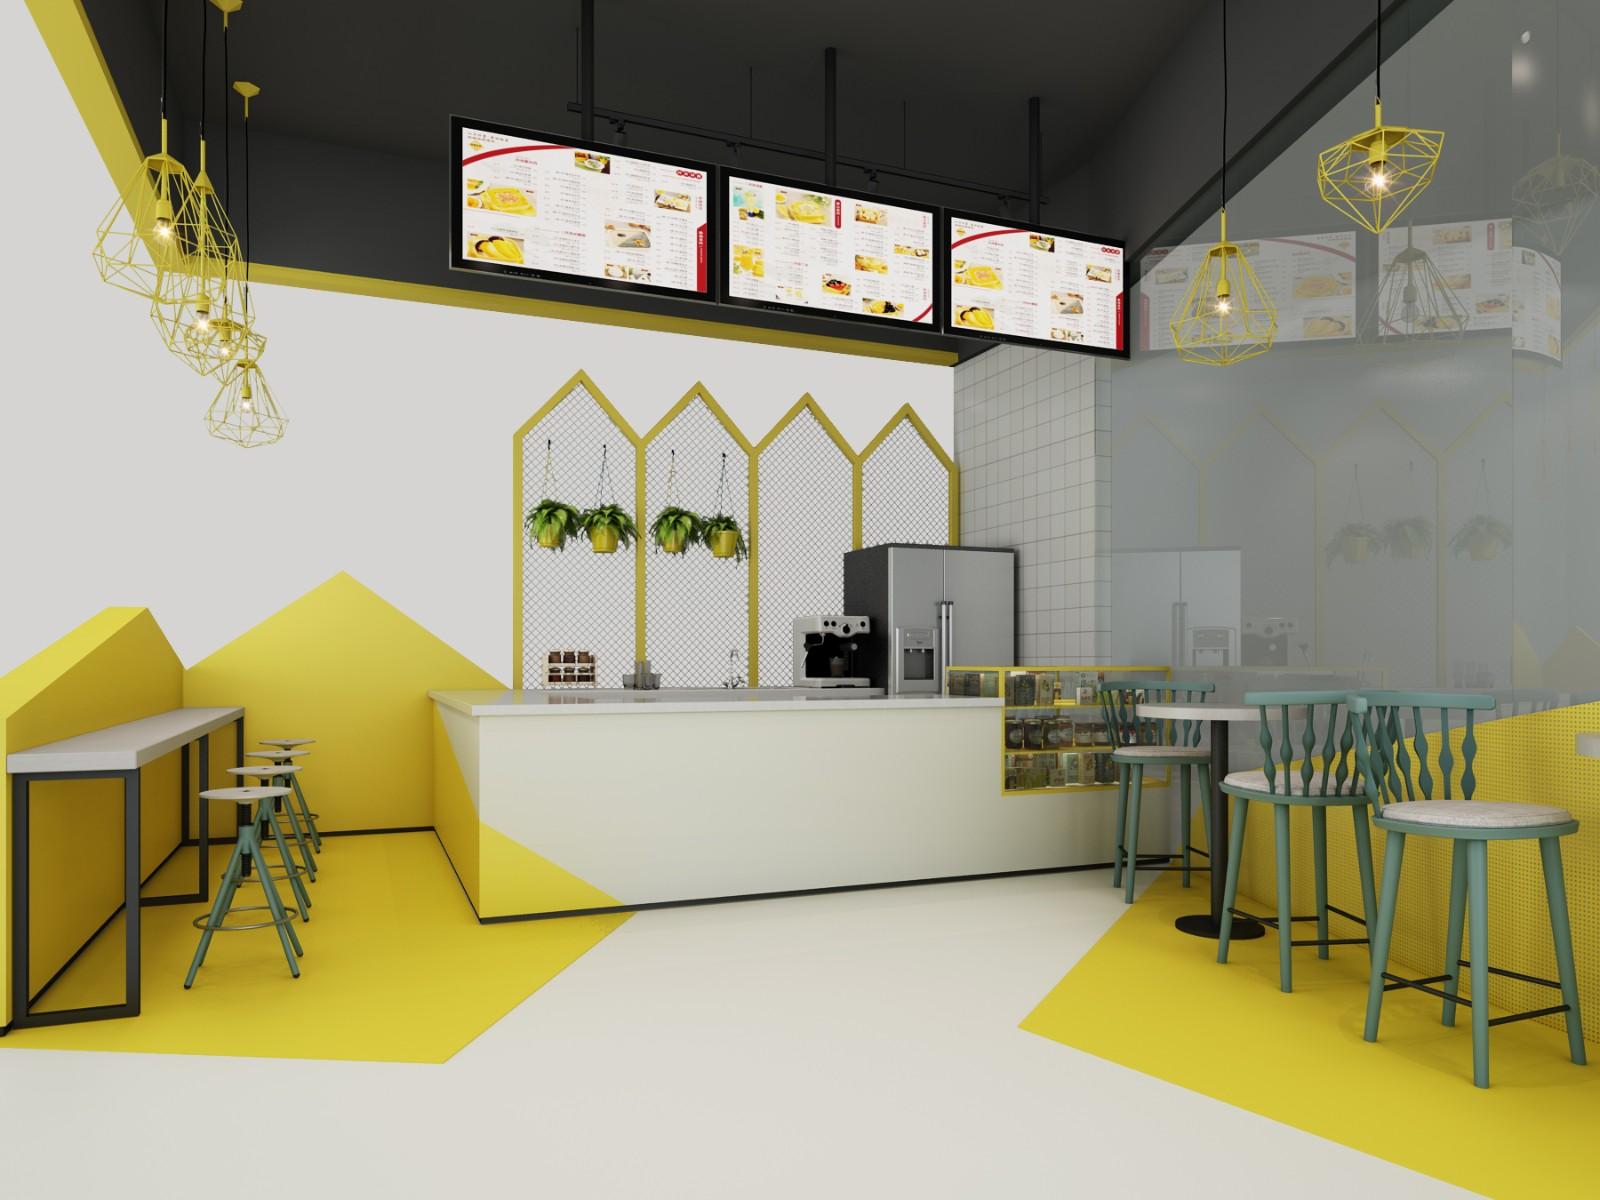 艾斯淇冰激凌|艾斯淇冰激凌-威海山舍裝飾設計有限公司